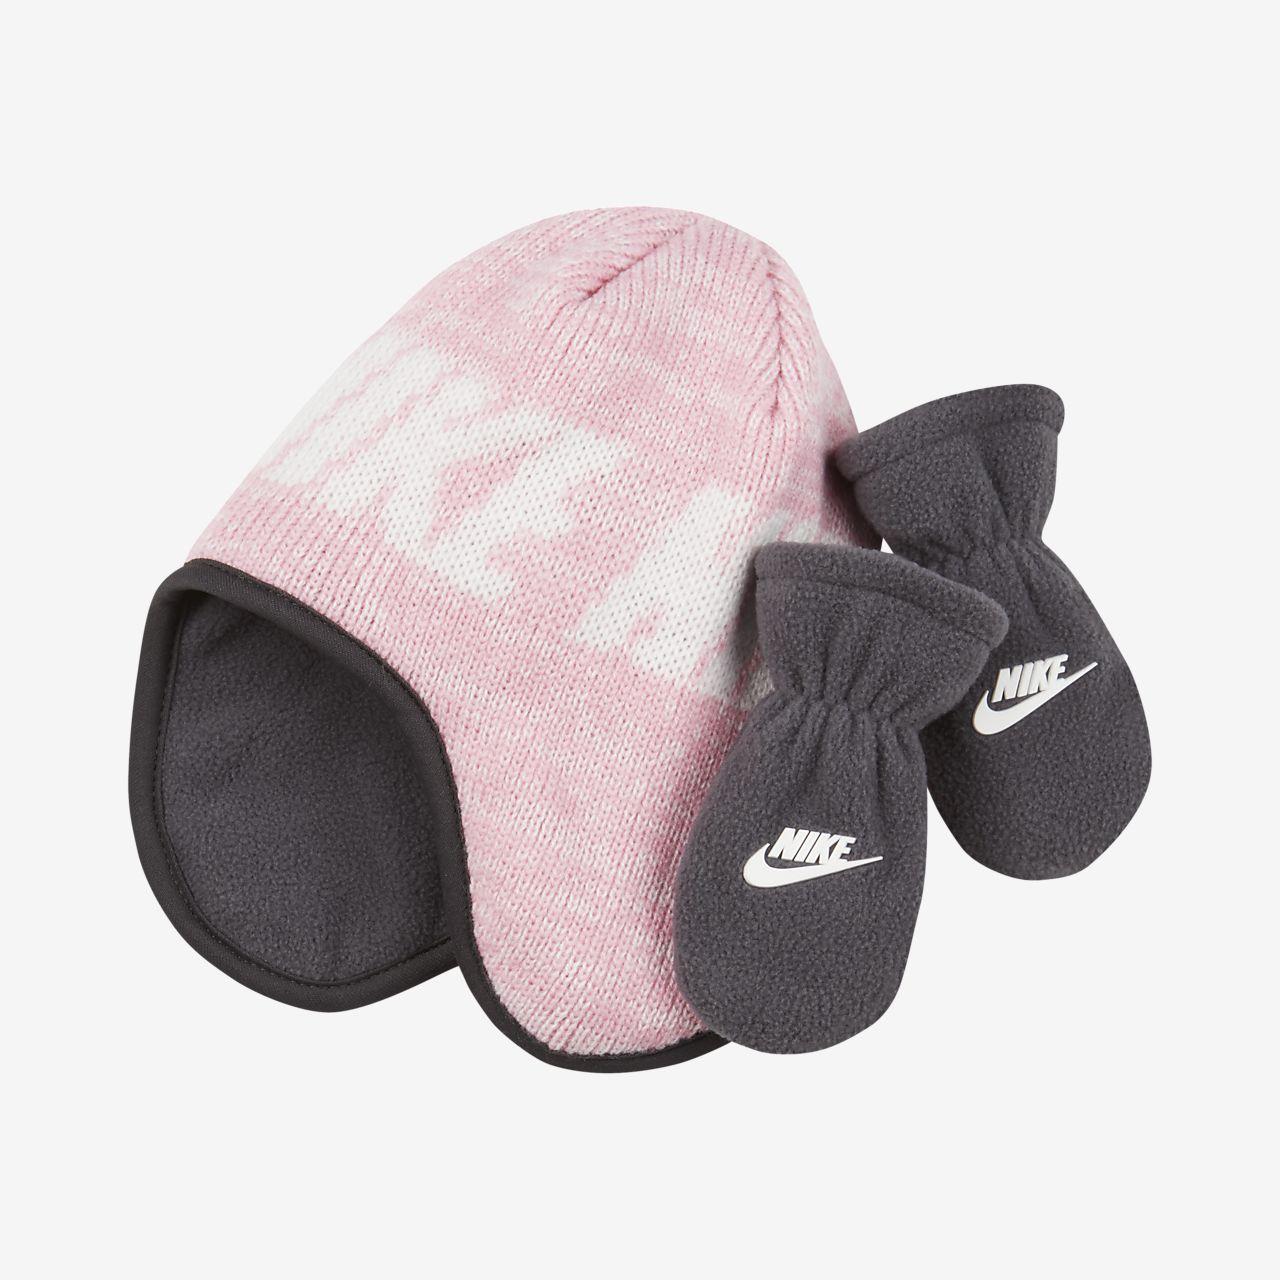 Nike-2-delt sæt med hue og vanter til småbørn